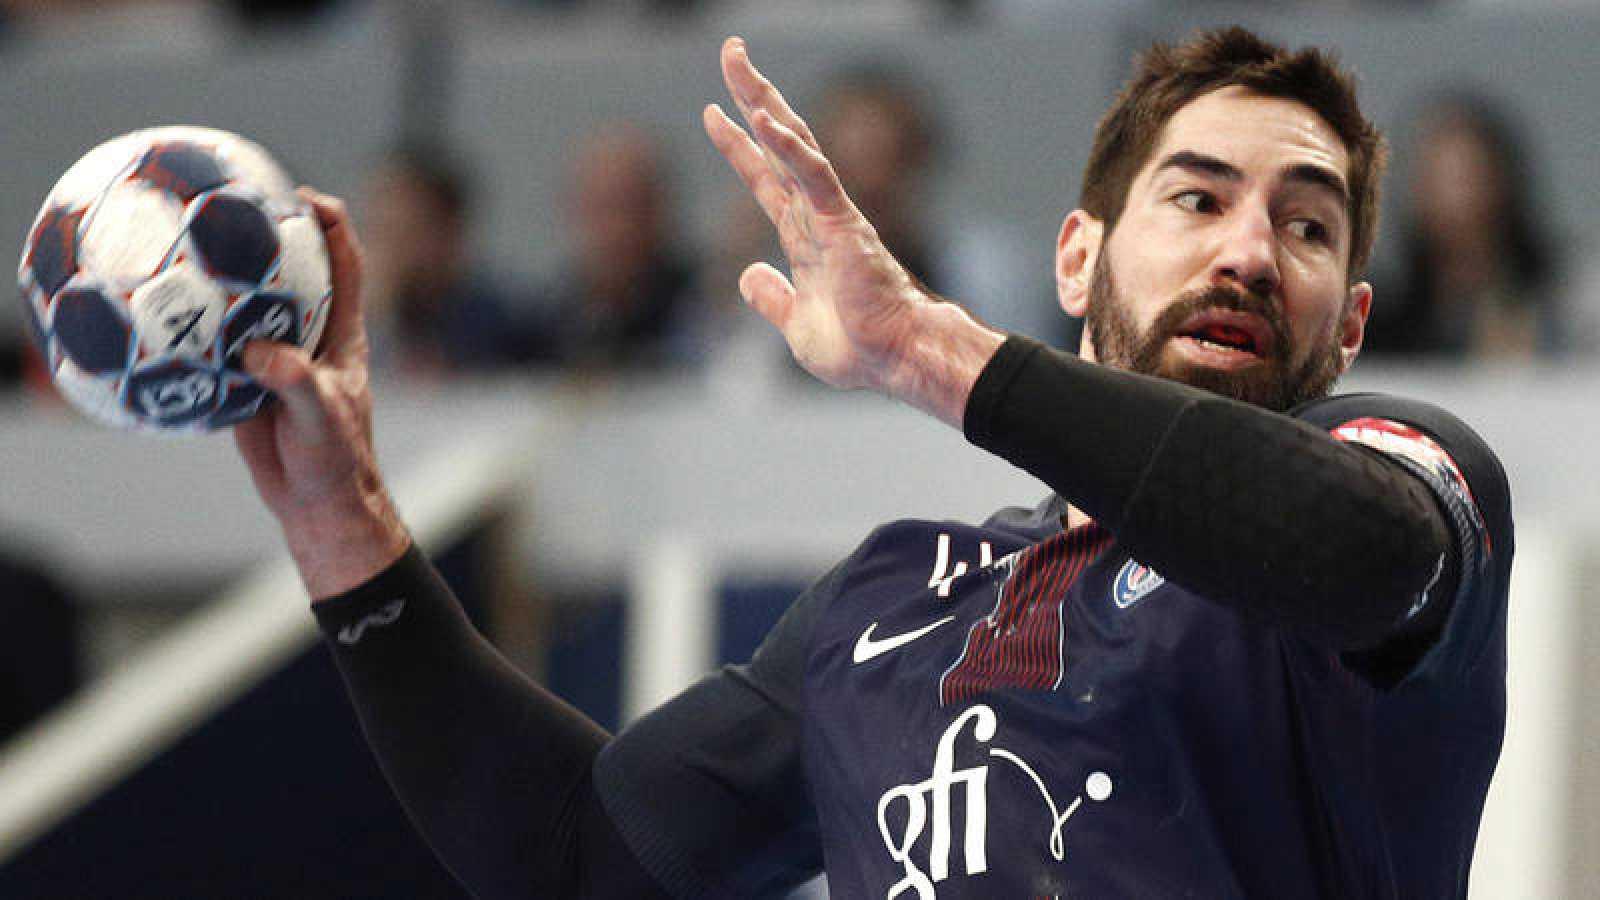 El jugador del PSG francés Nikola Karabatic.